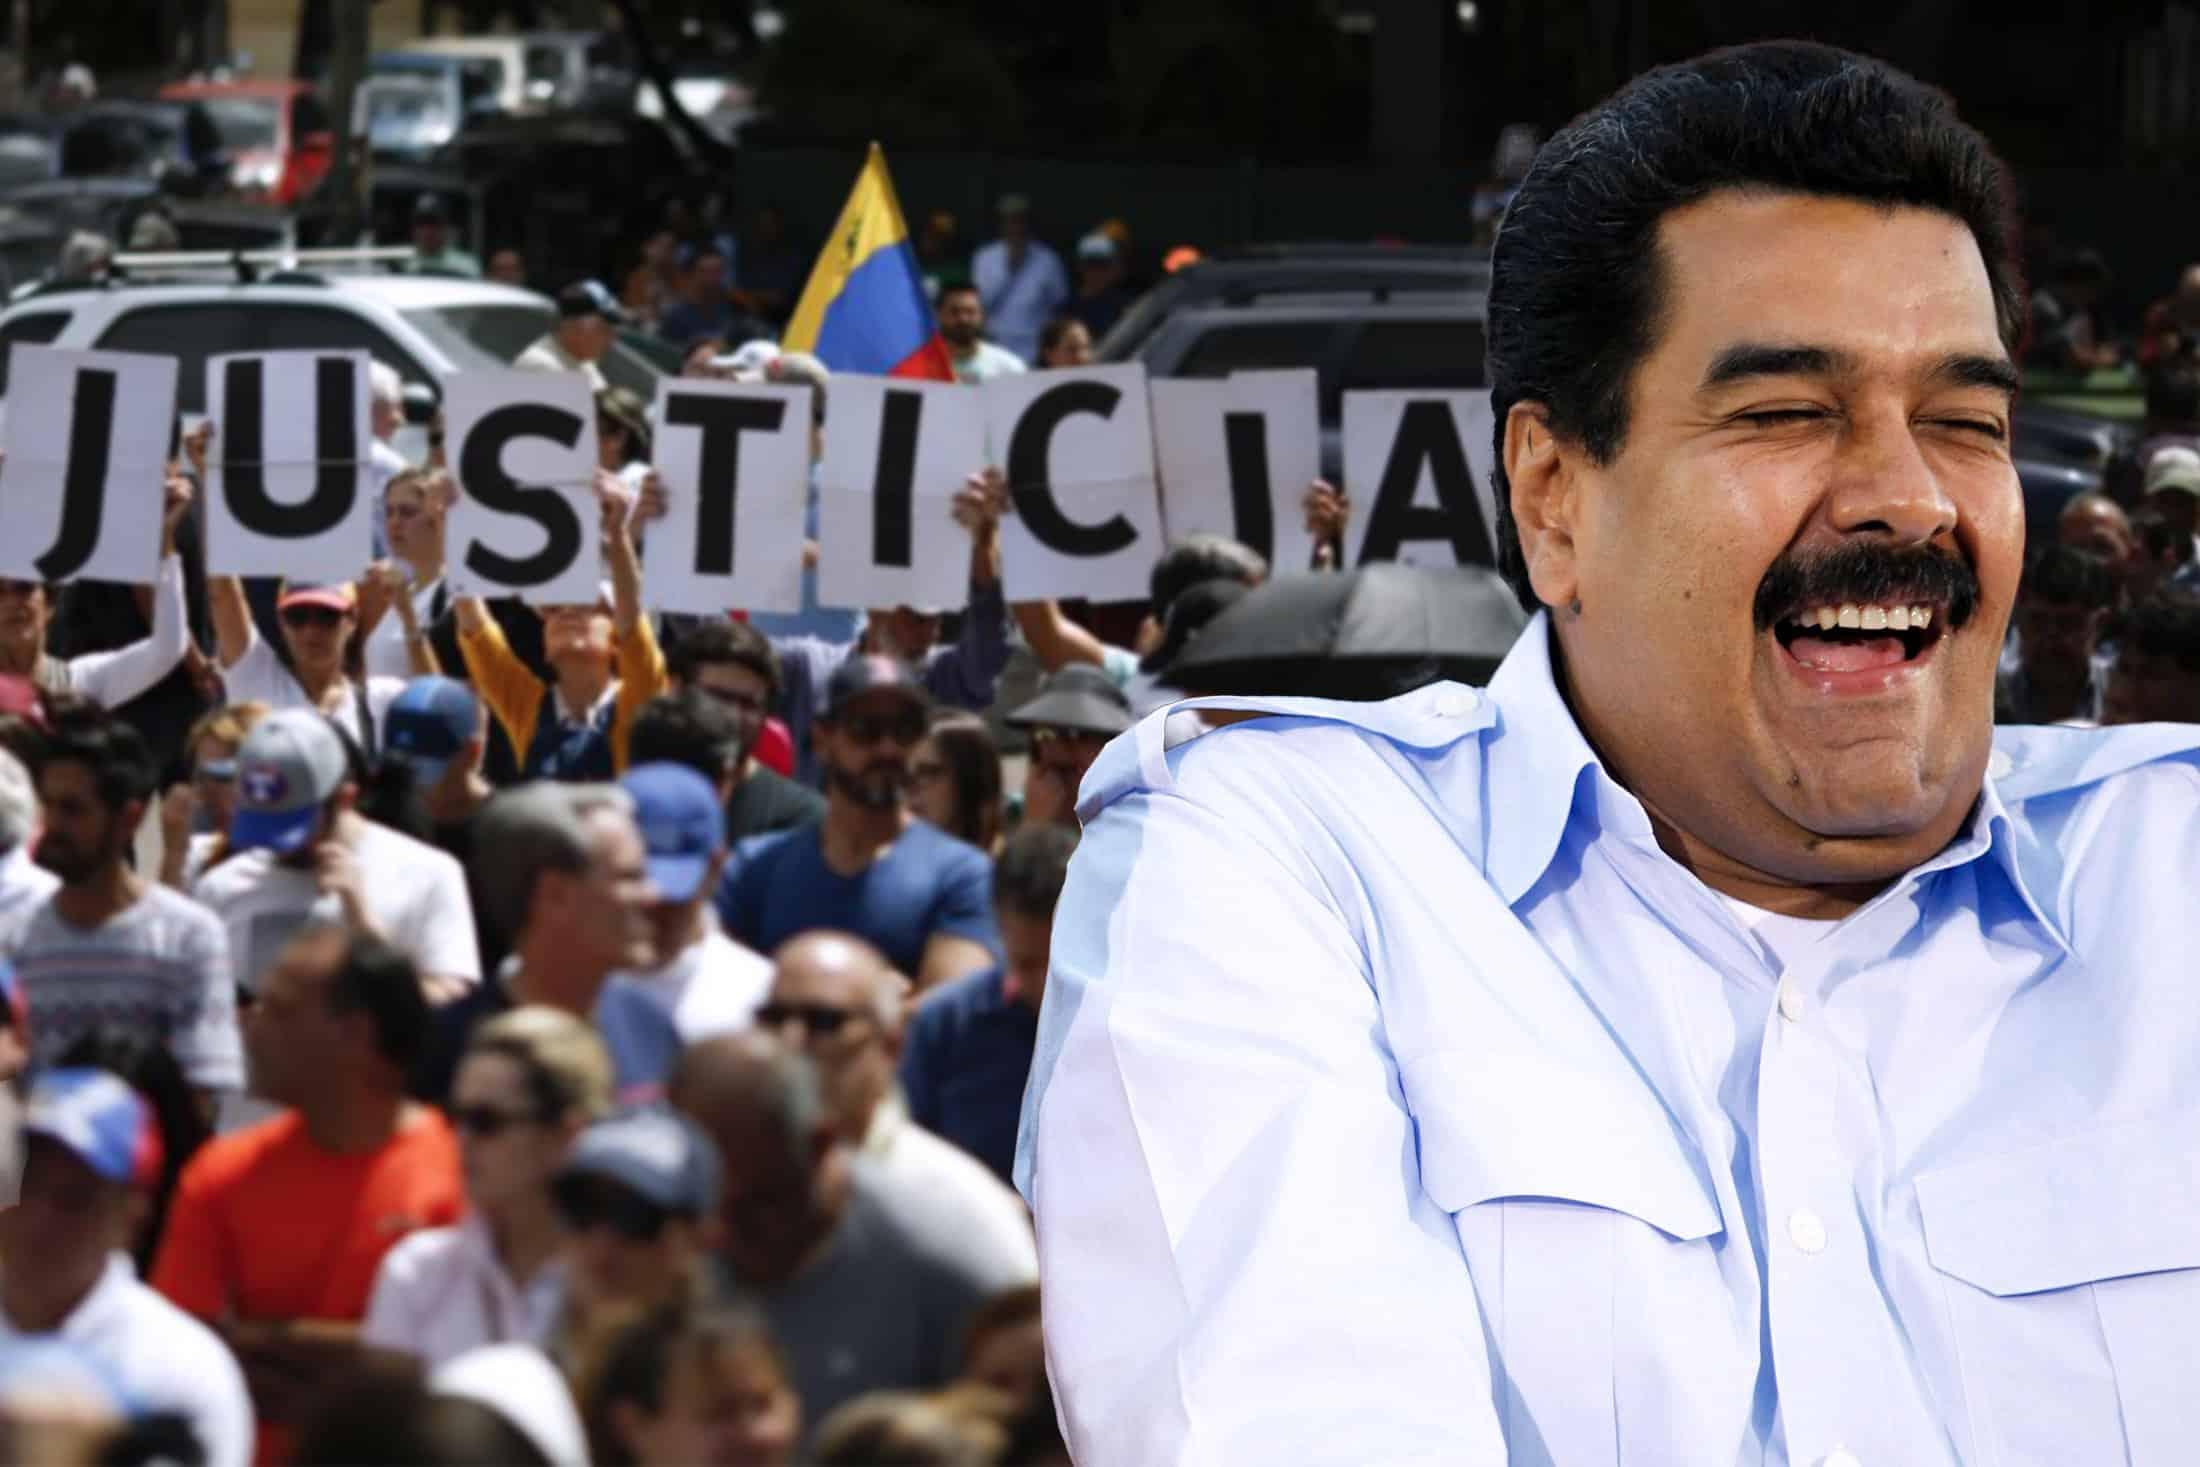 Llamado para que Venezuela confirme el paradero de ejecutivo petrolero desaparecido - Vadell